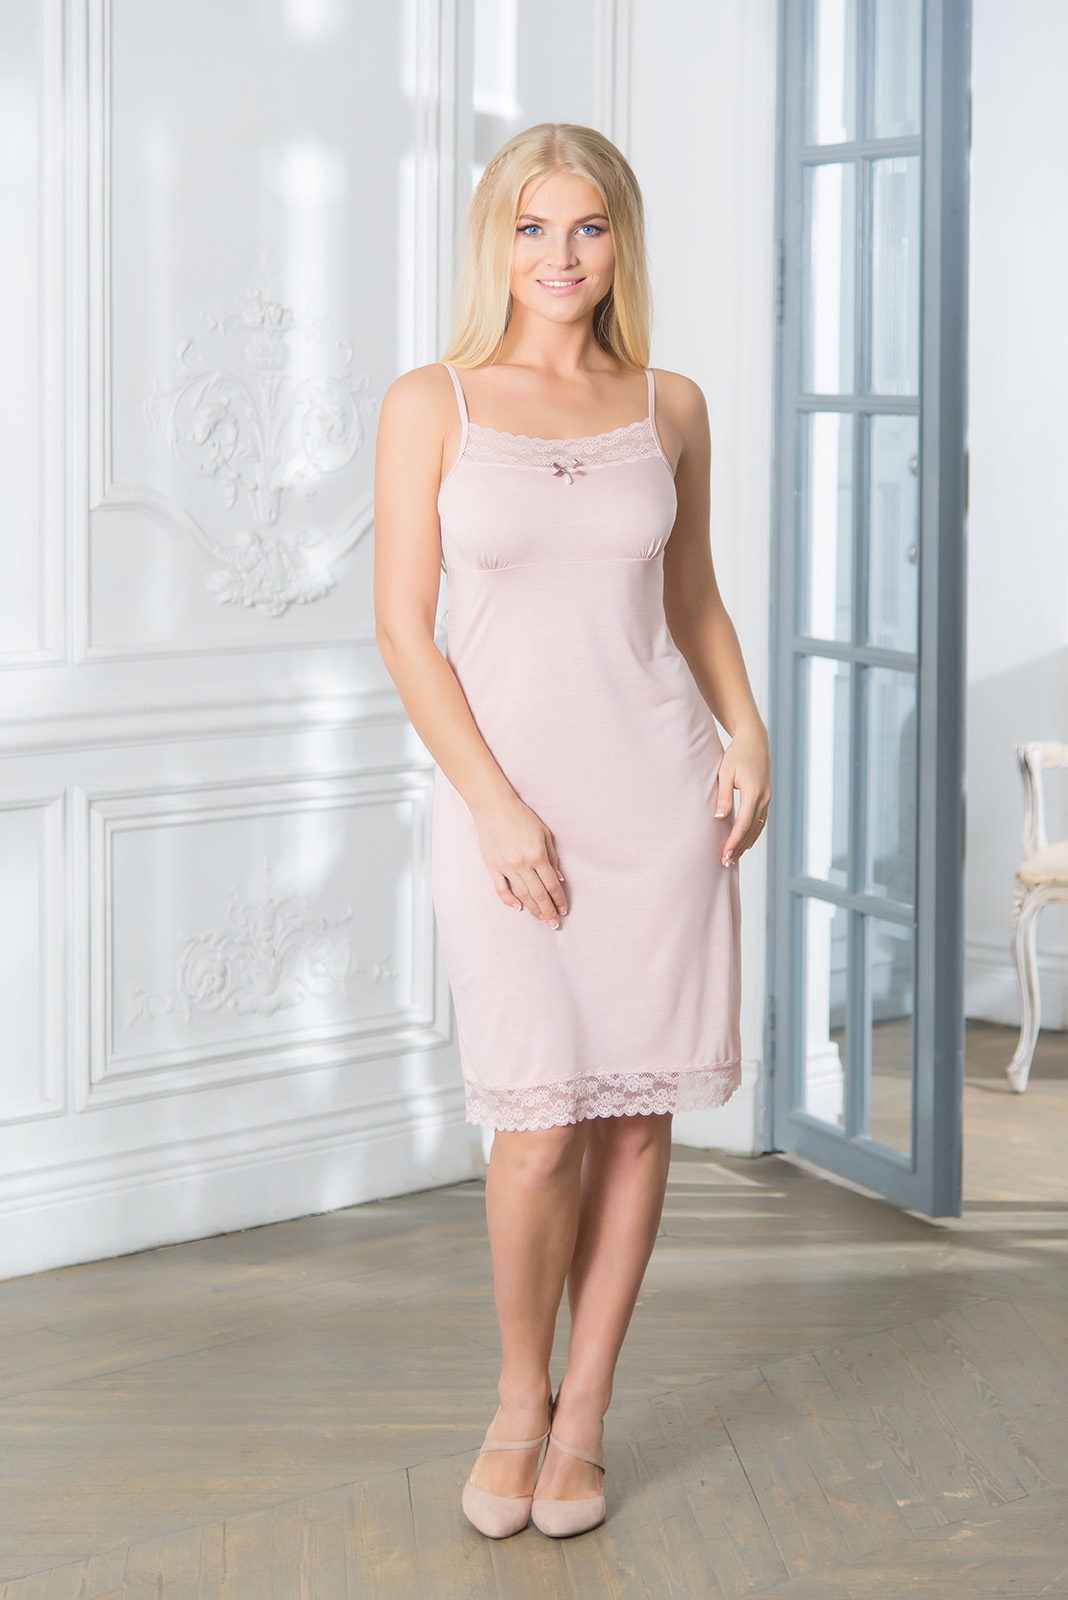 Ночные сорочки Mia Cara Ночная сорочка Dervila Цвет: Розовый (S) пижамы mia cara пижама paisley цвет розовый m l